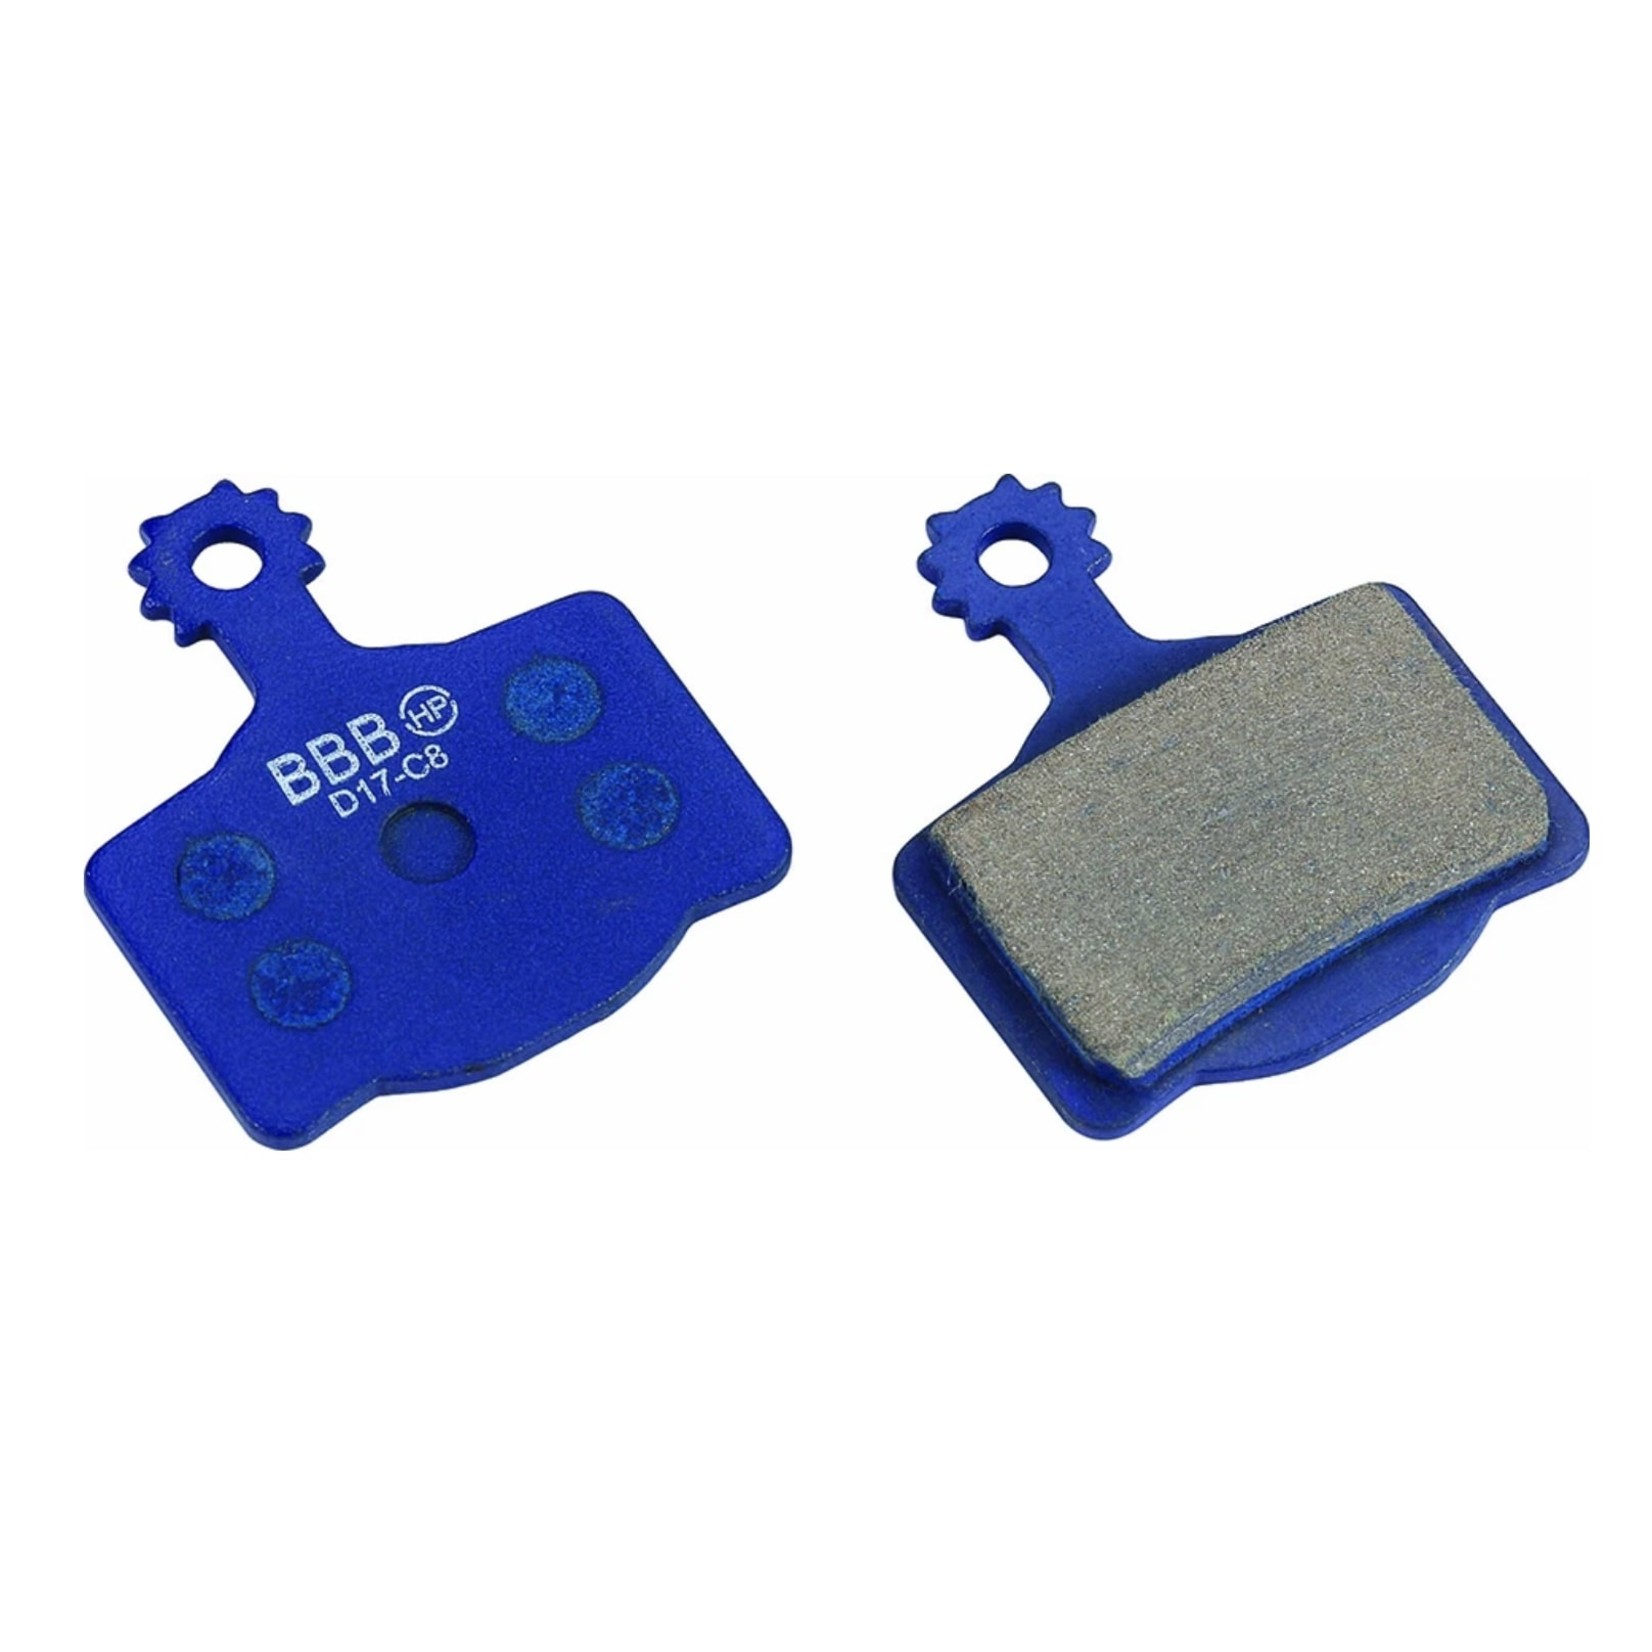 BBB BBB Magura Disc Brake Pads